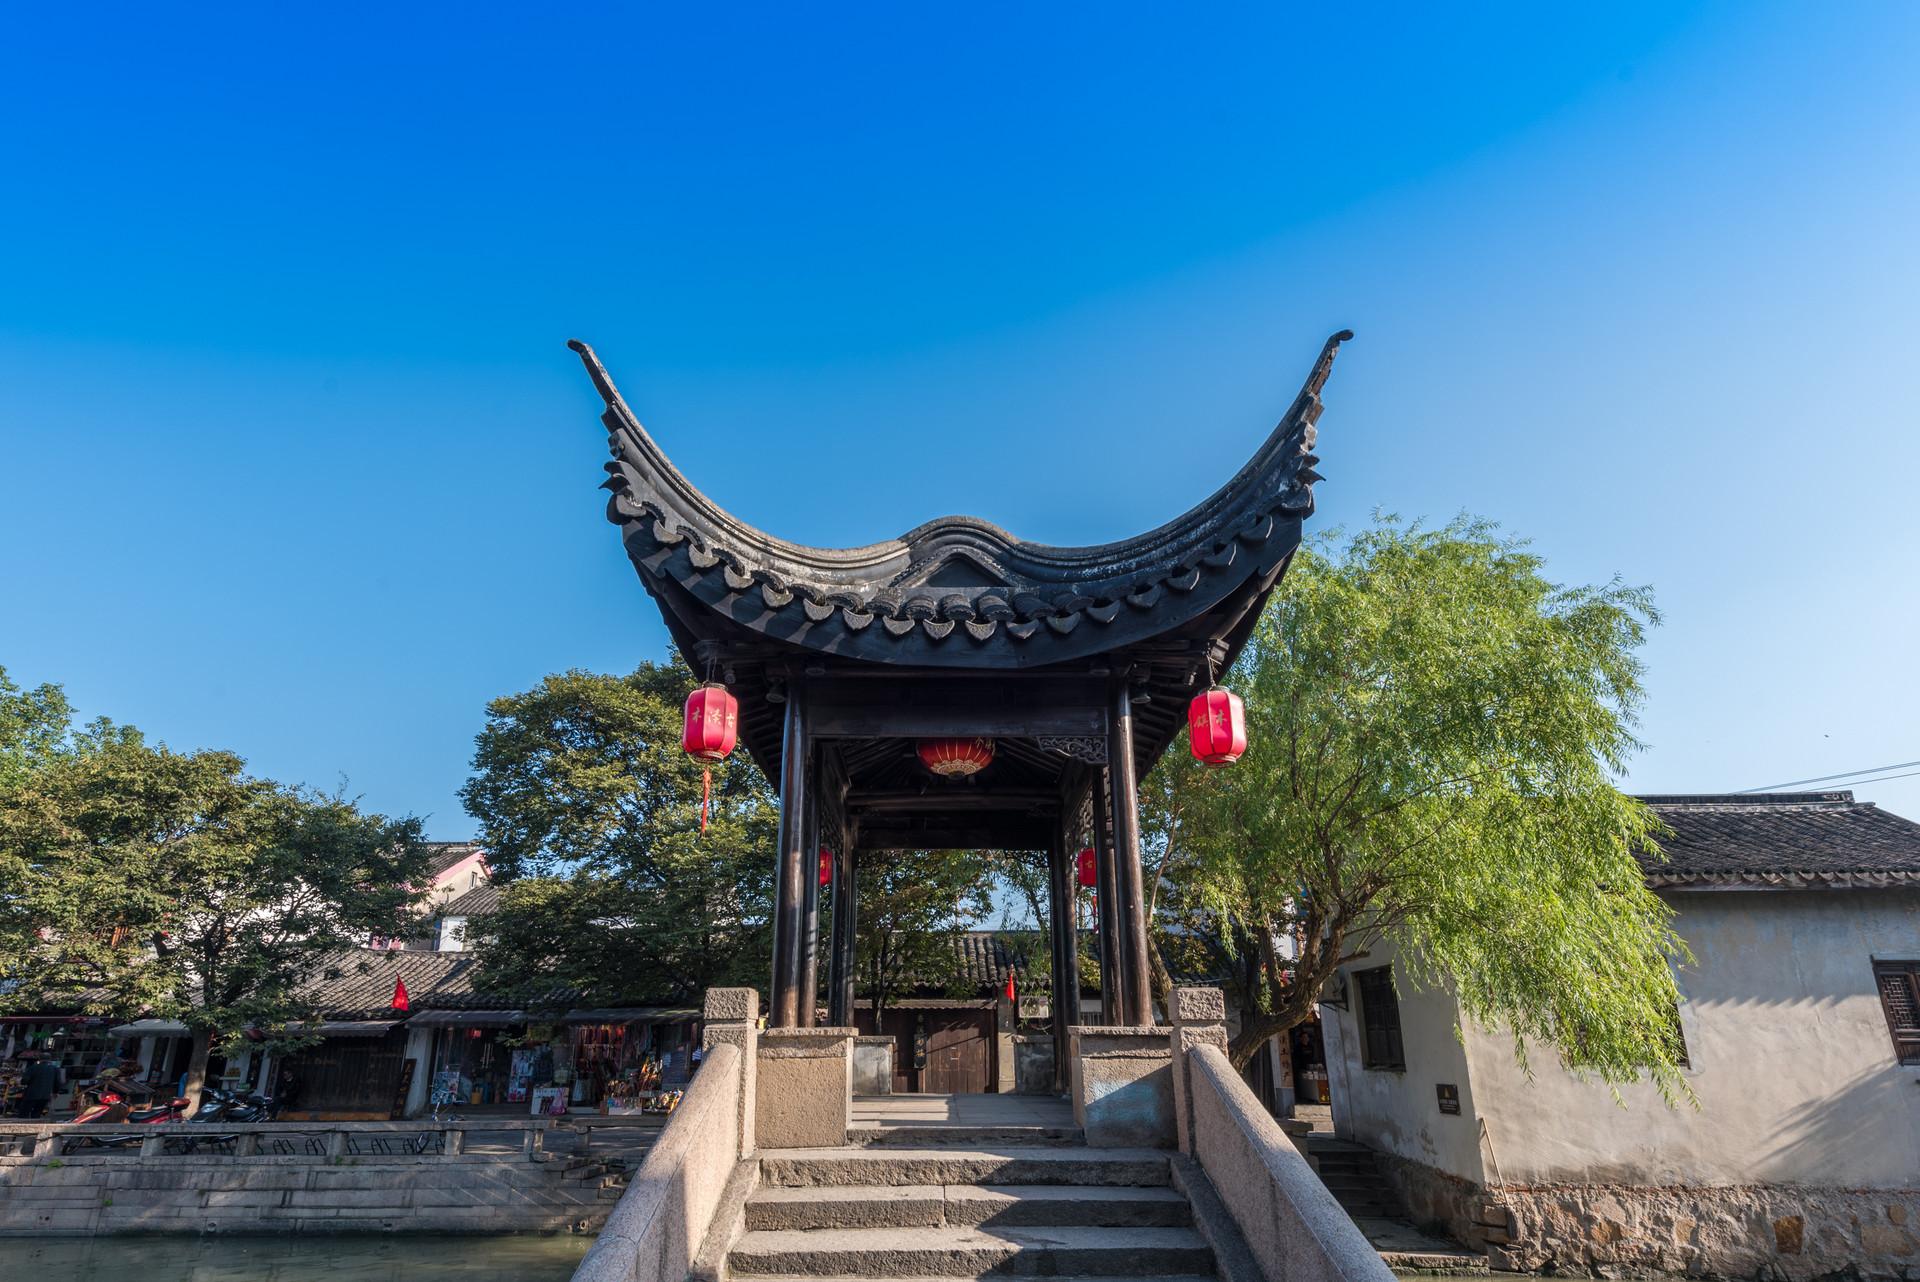 江蘇這座古鎮很低調,比周莊歷史更久還免費開放游客不多